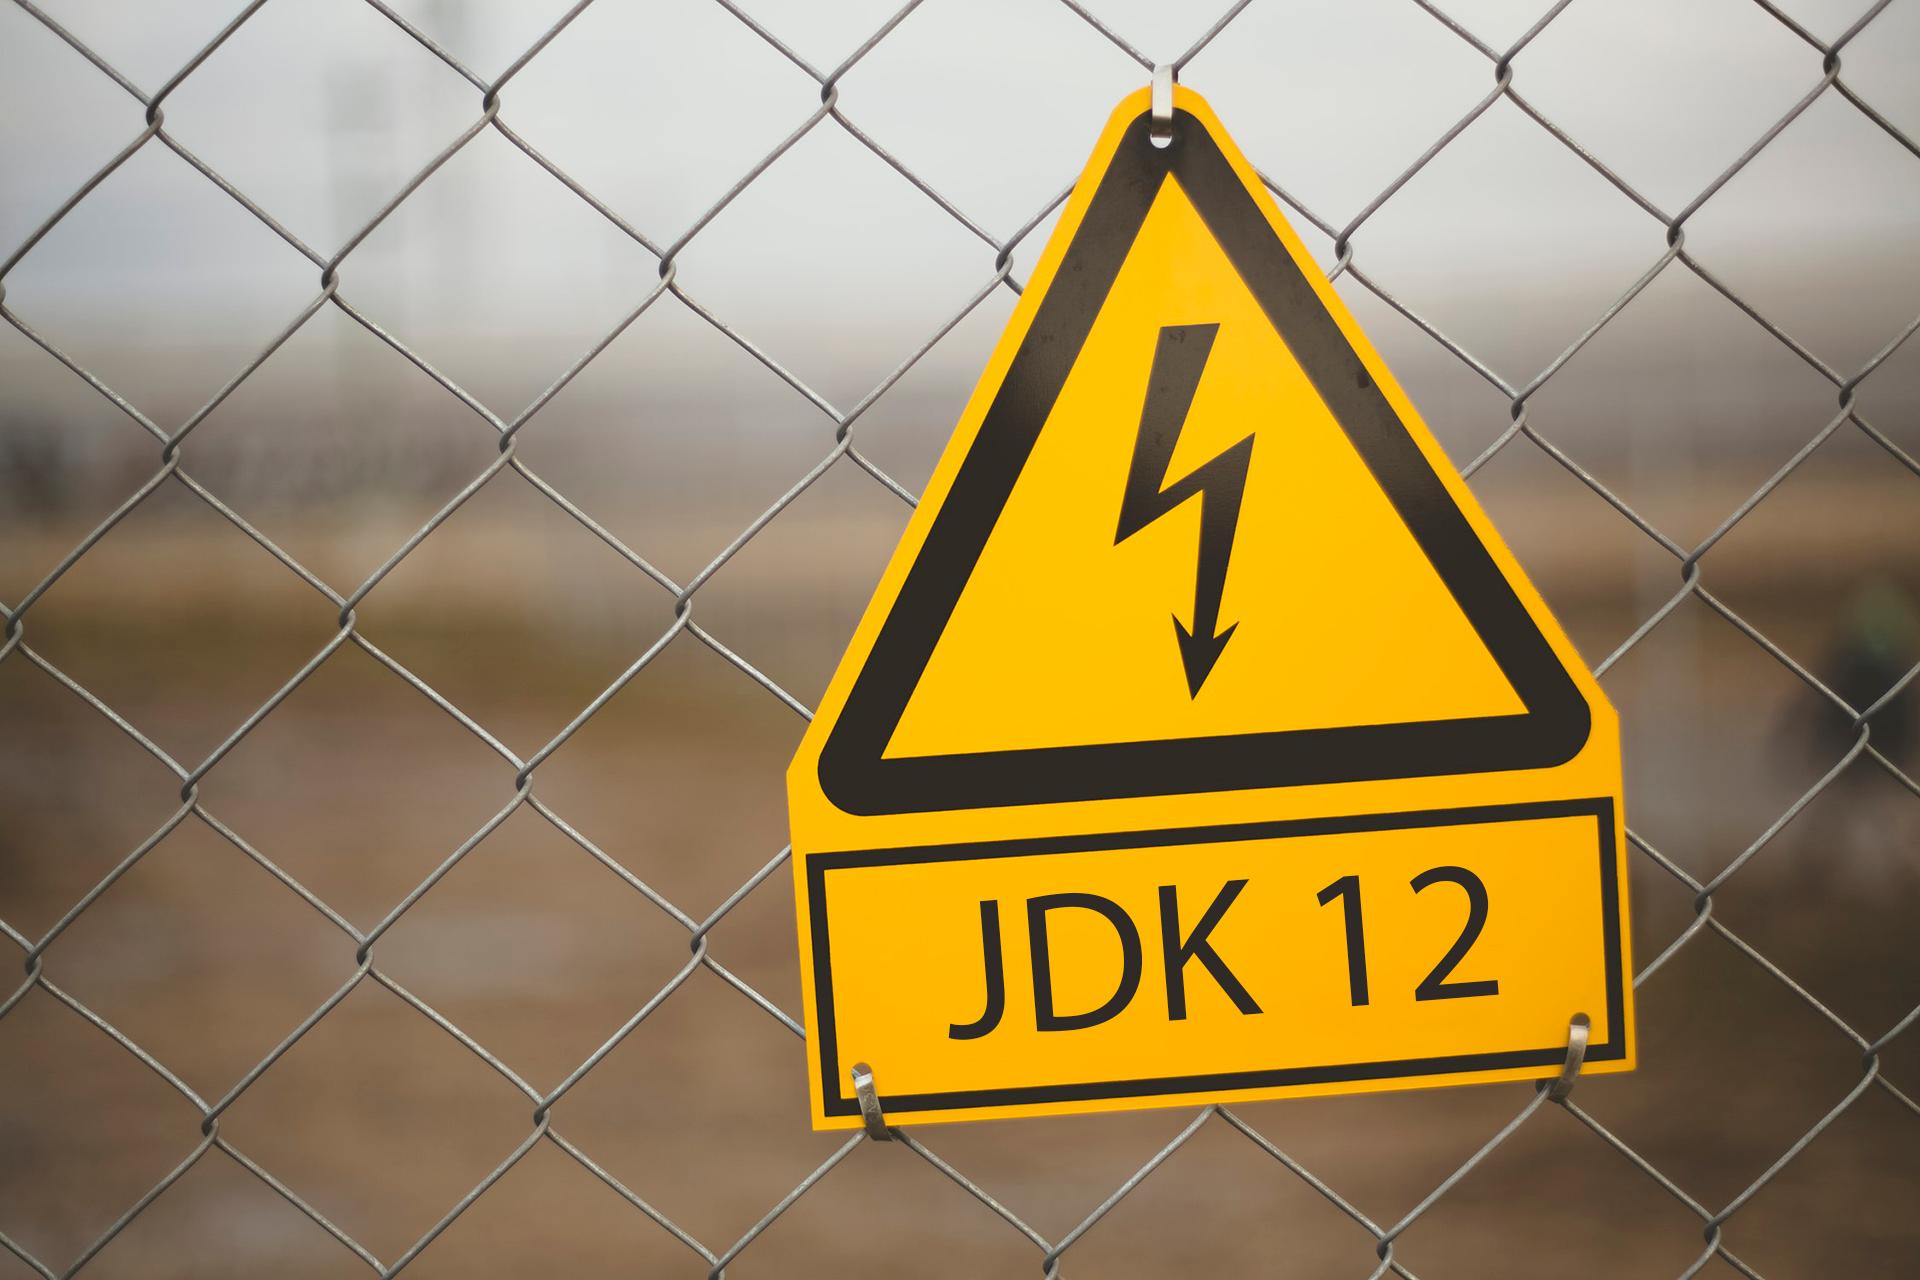 Релиз-кандидат JDK 12: Shenandoah, G1, JMH, Arm64. Баги в Swing наносят ответный удар - 1